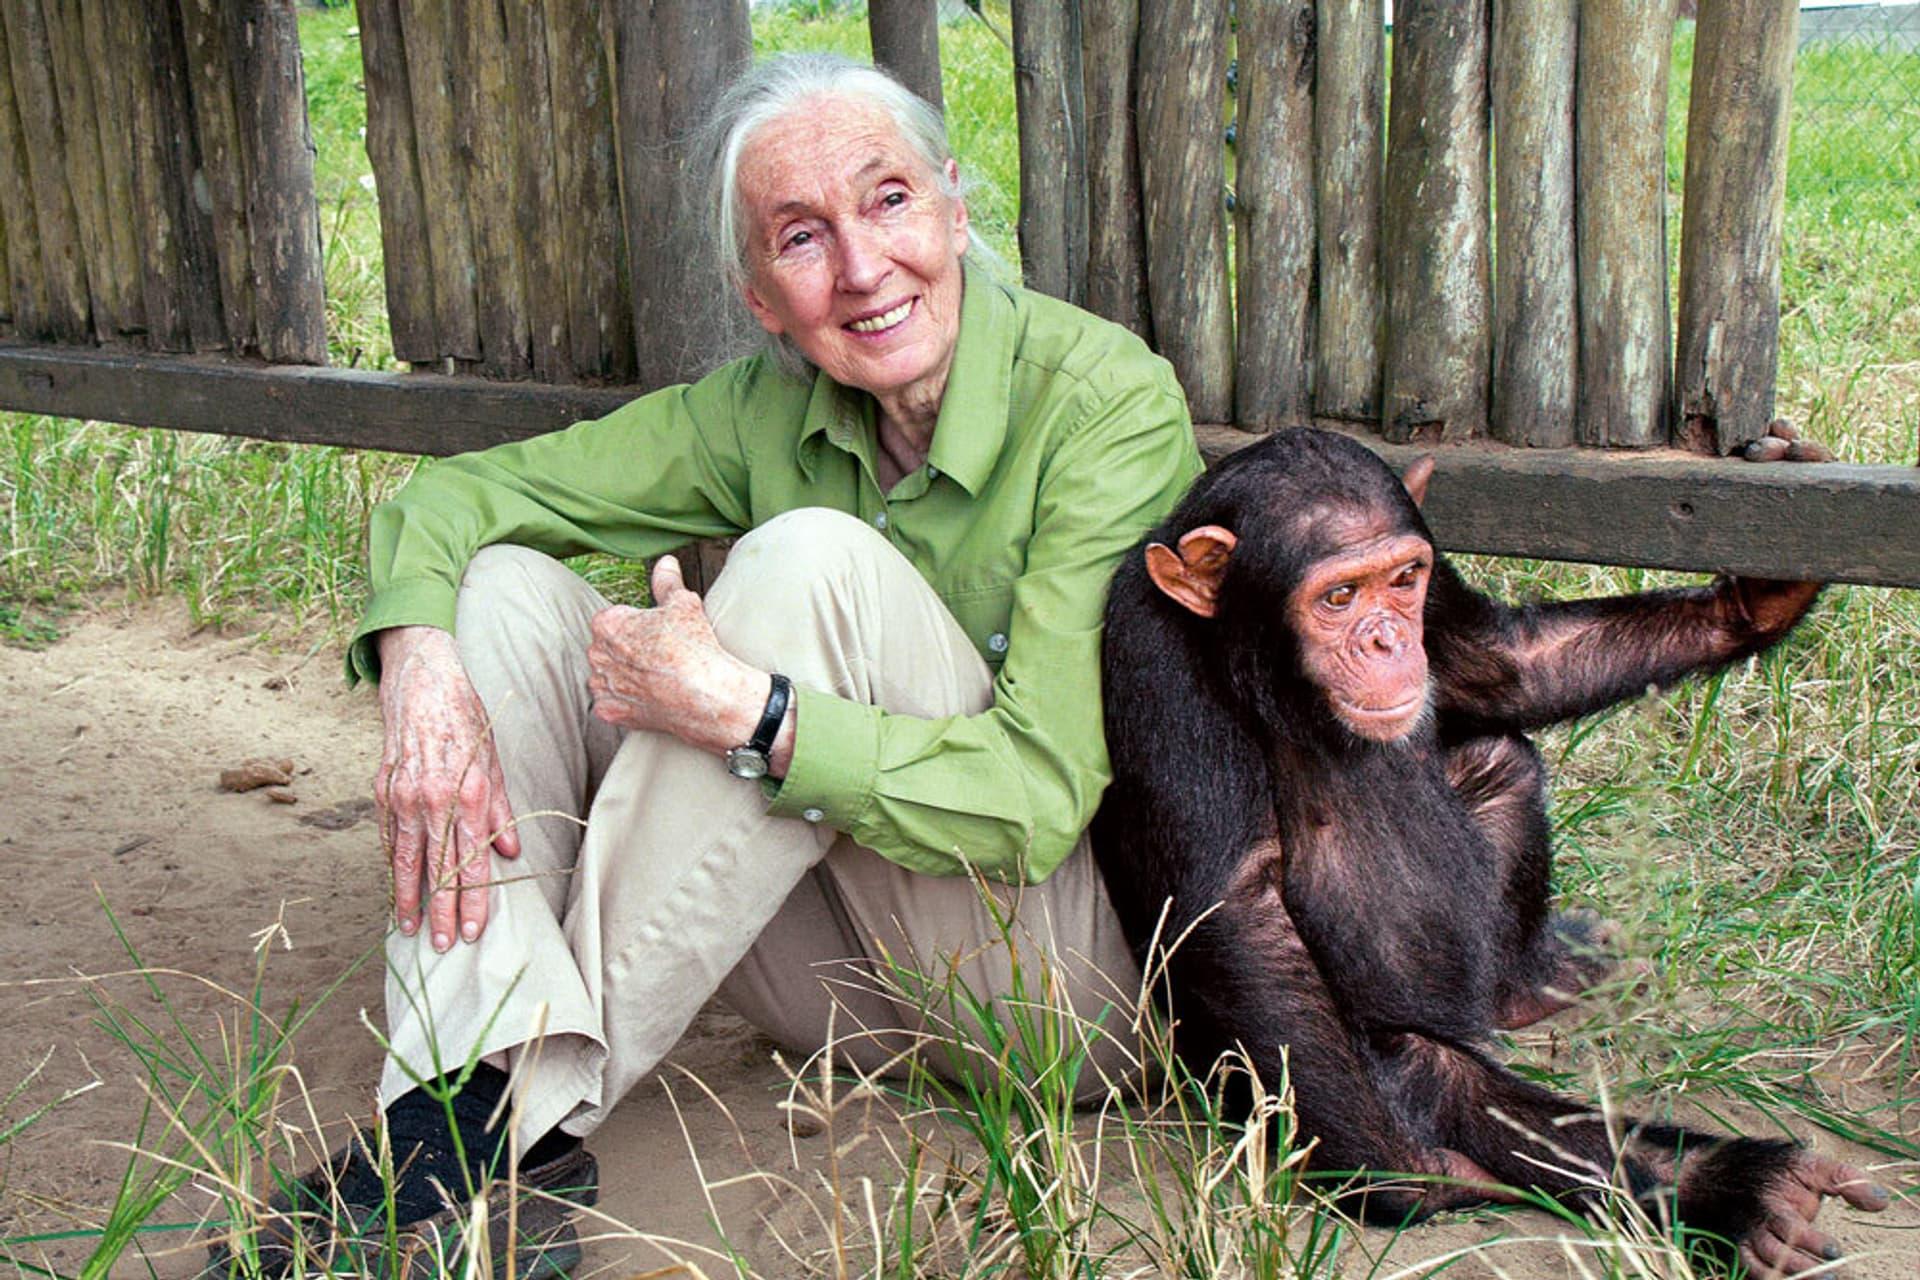 Jane Goodall sitzt neben einem Schimpansen auf dem Boden